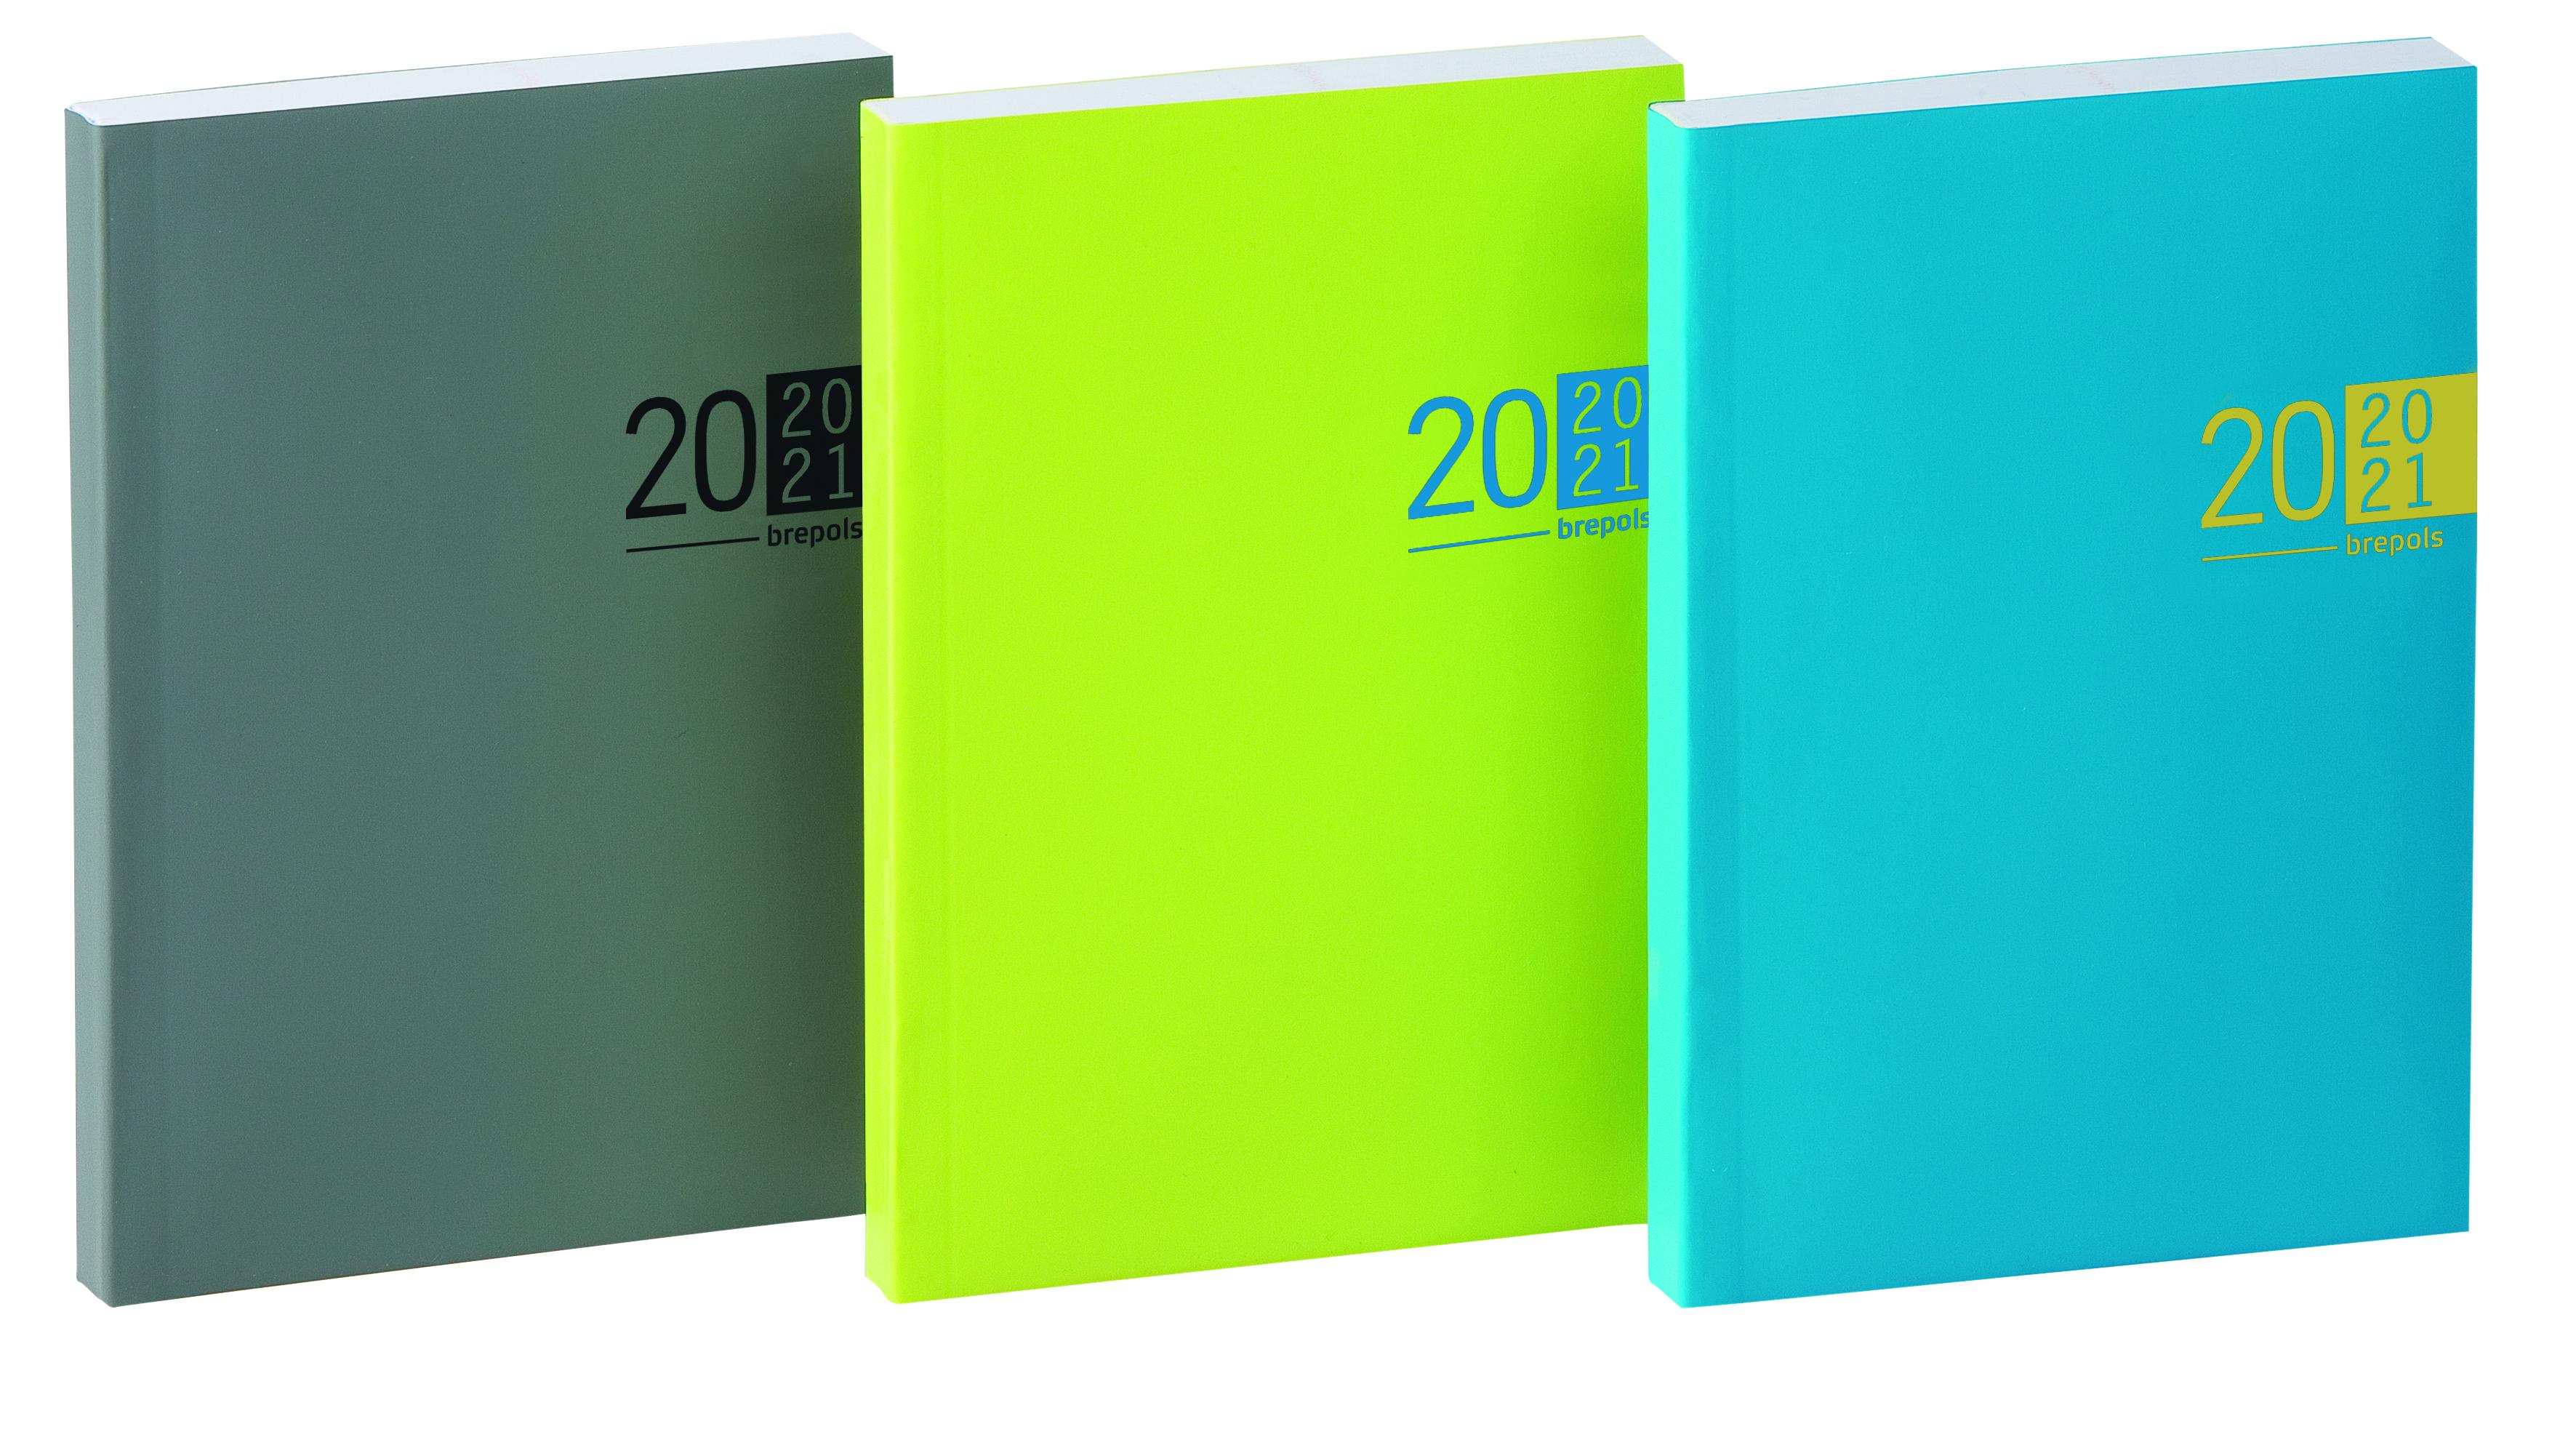 Agenda Veneto - 1 jour par page - 11,6 x 16,9 cm - 3 coloris disponibles - Brepols